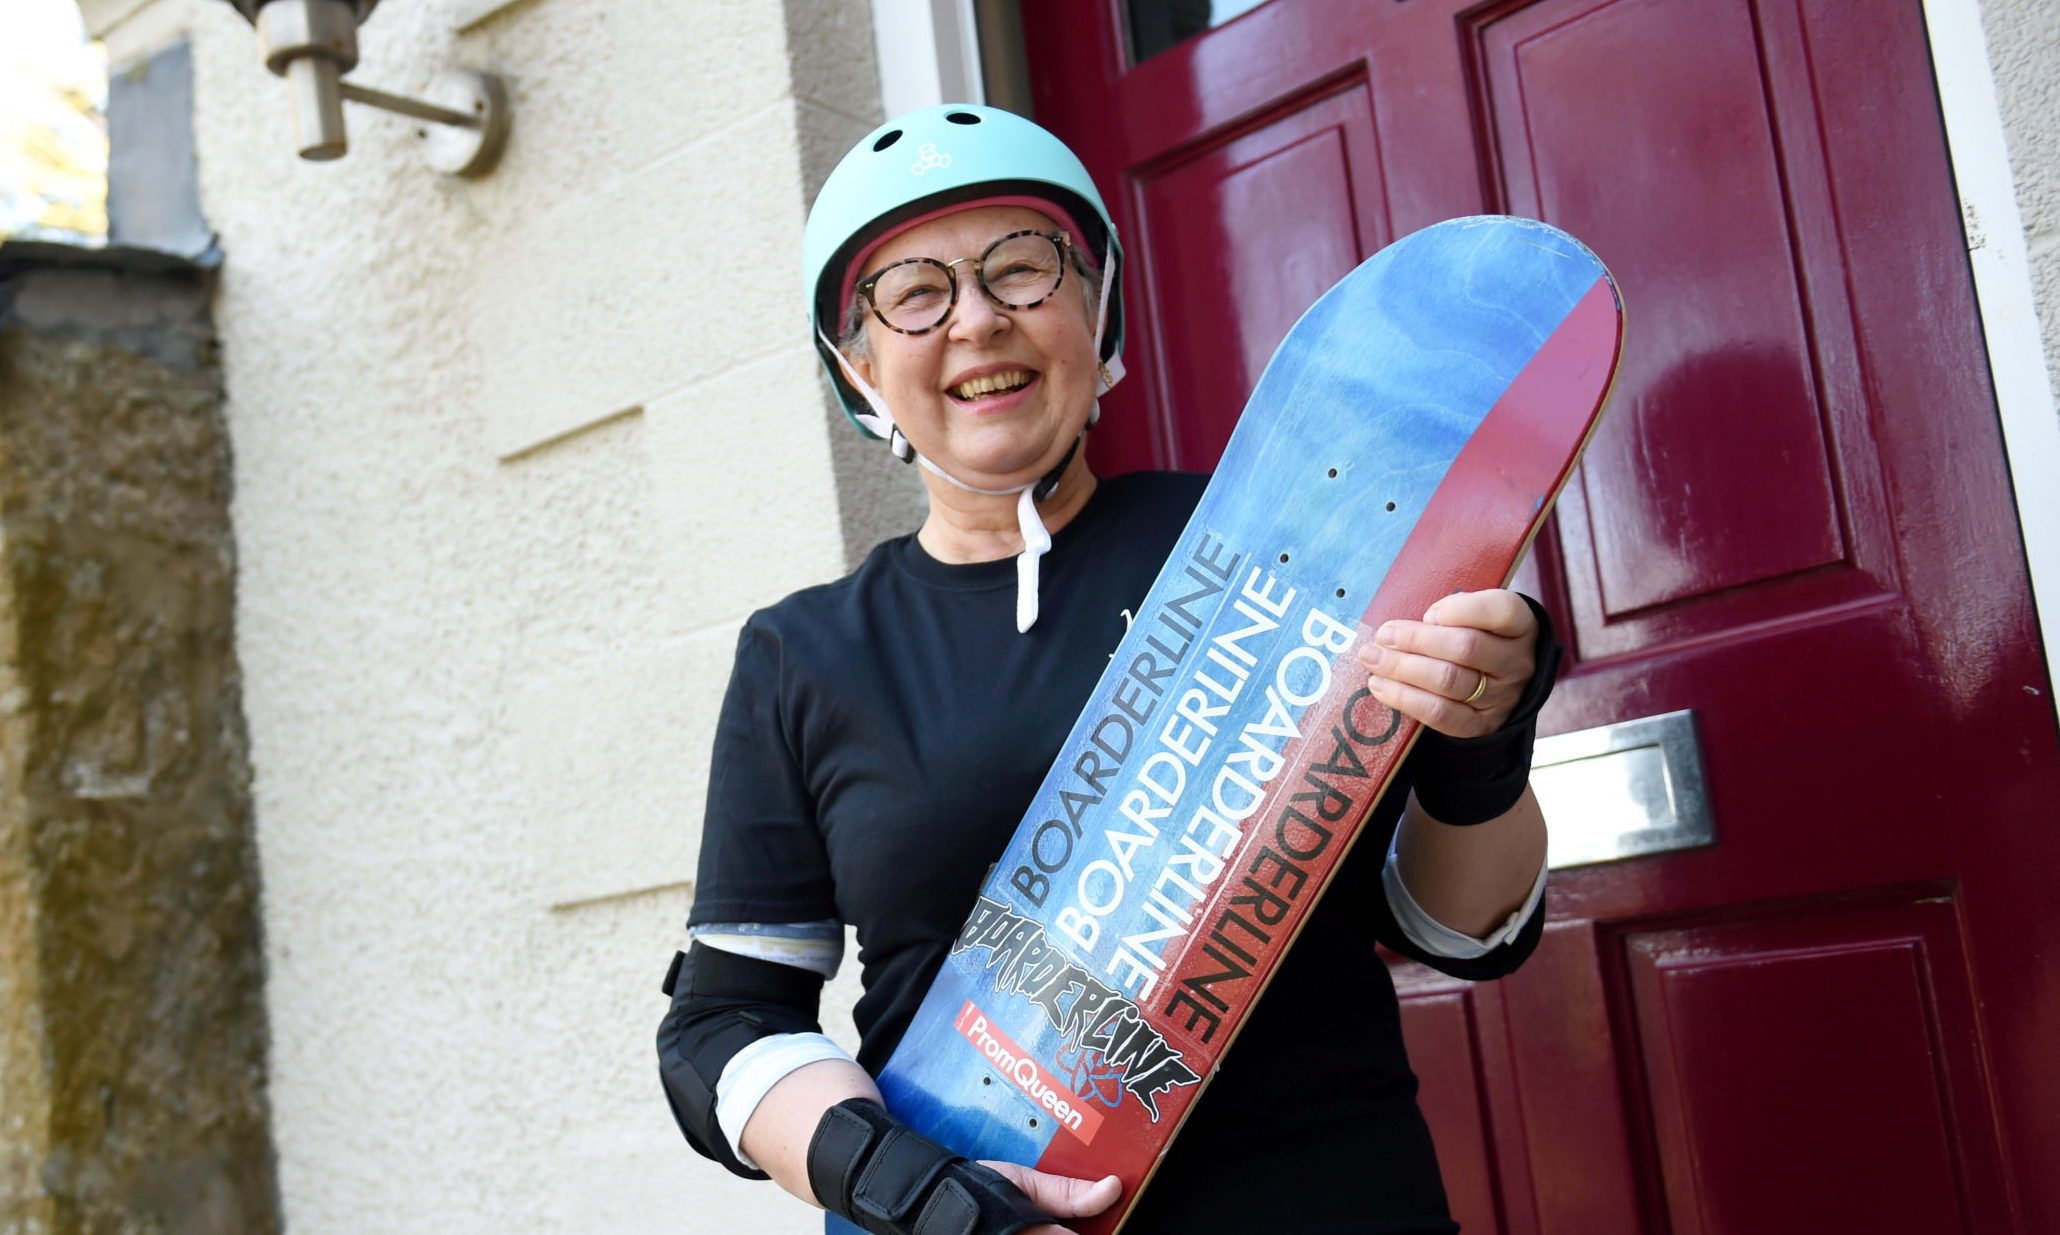 Elaine Shallcross. Picture by Paul Glendell